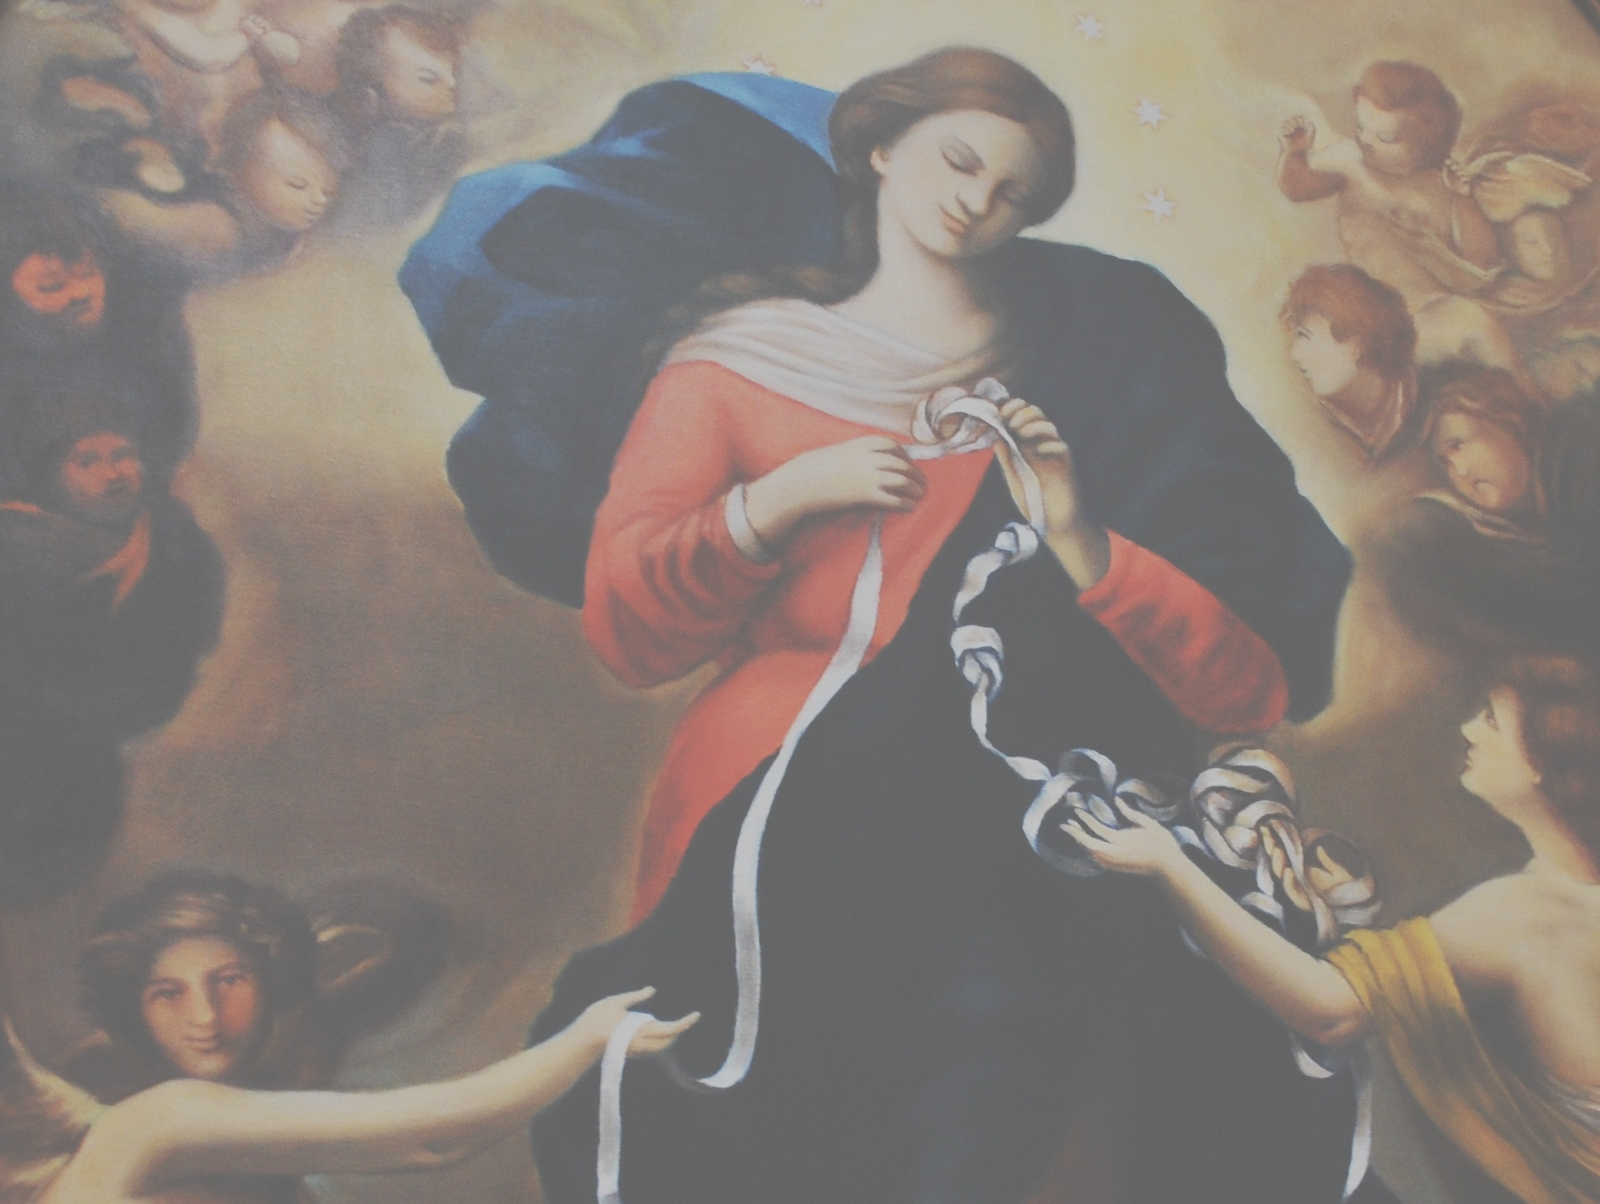 Devoción del Papa Francisco: Nuestra Señora que Desata los Nudos, Alemania (8 dic, 28 sep)